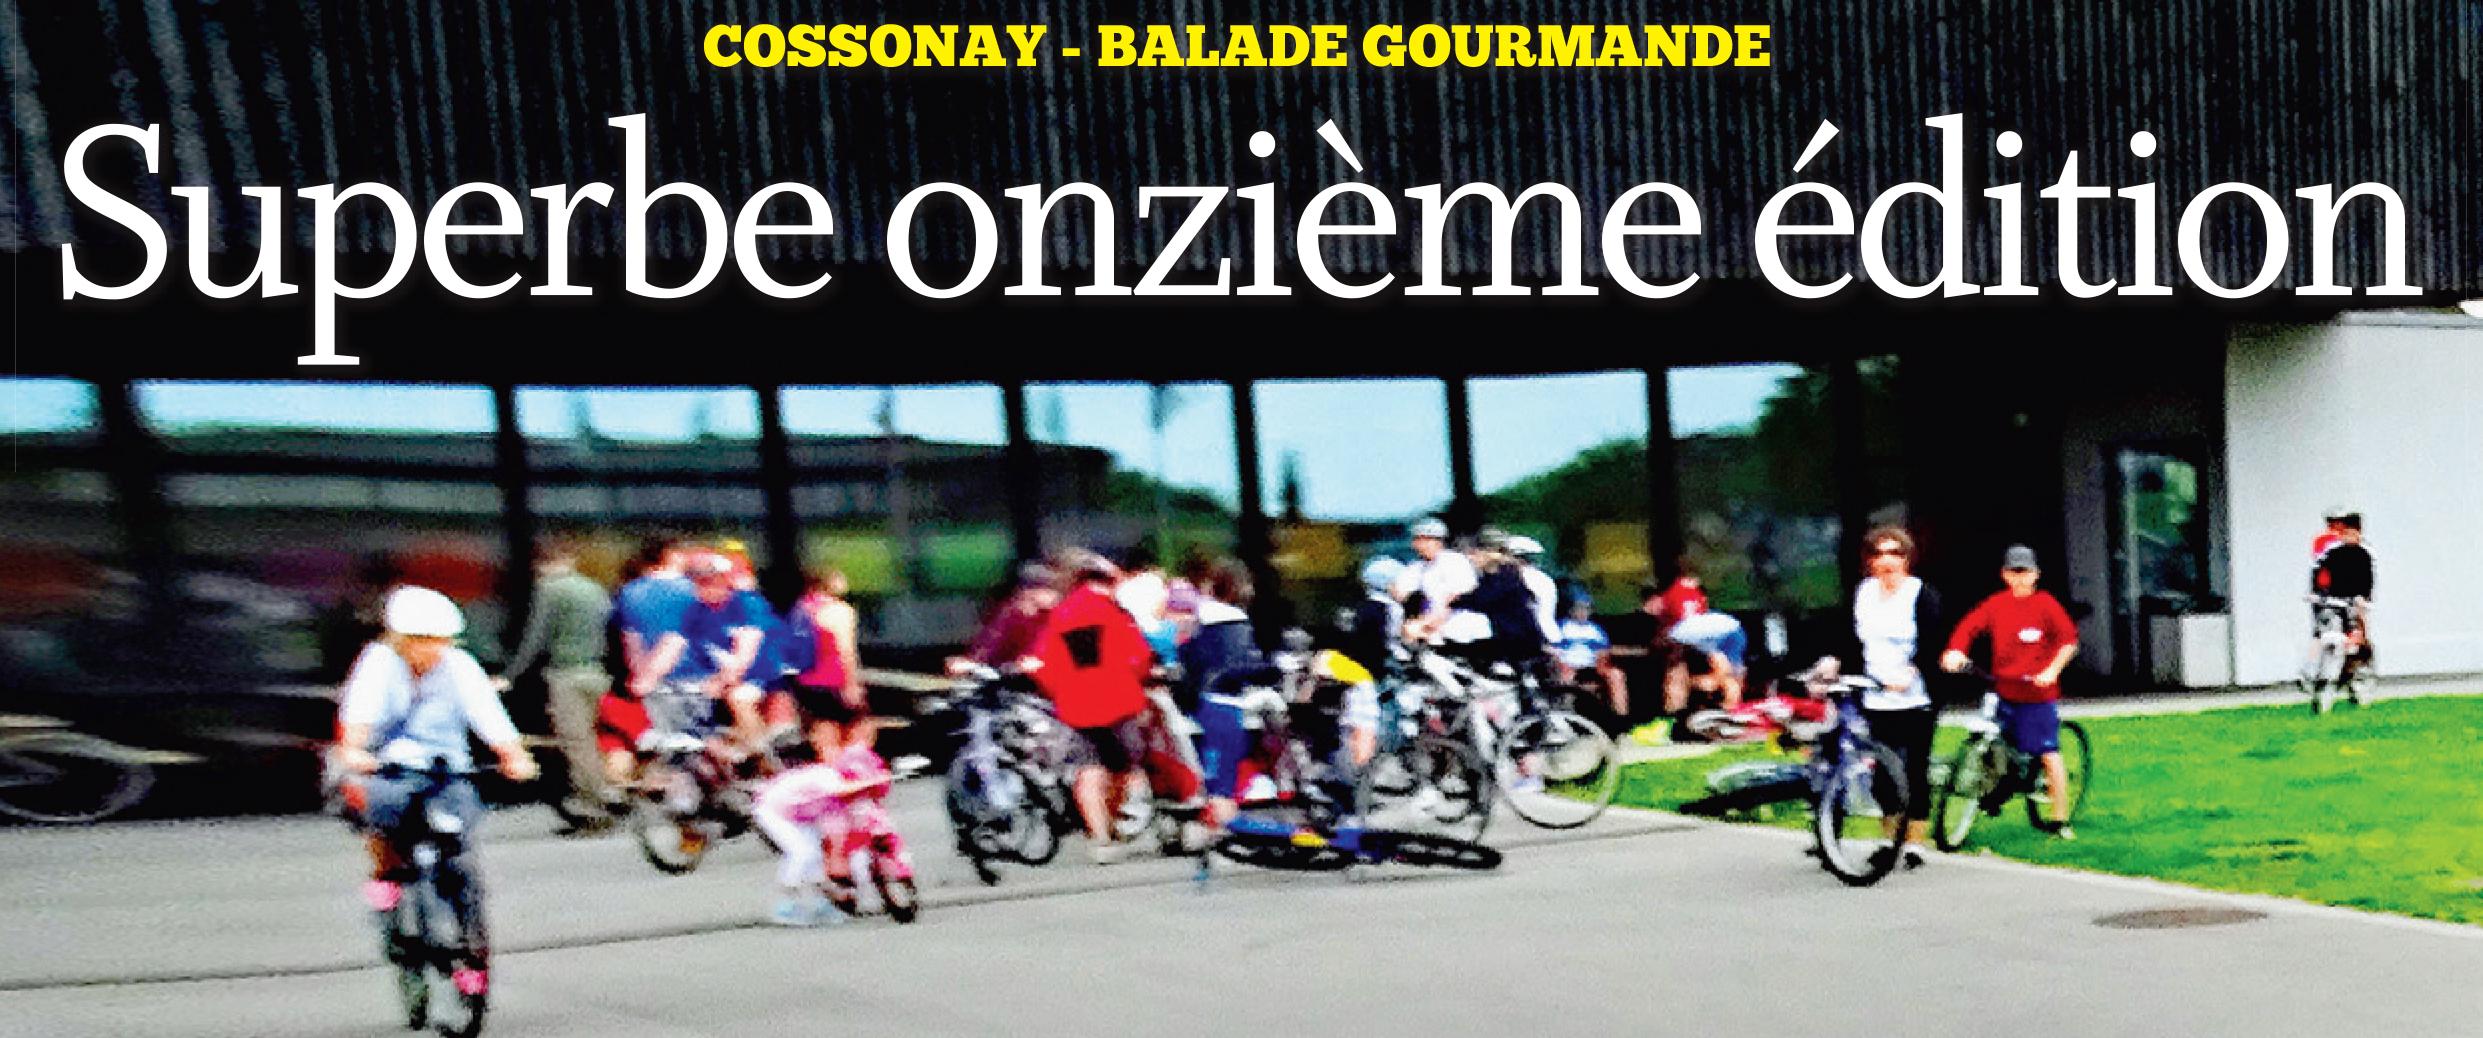 Cossonay – Balade Gourmande – Superbe onzième édition